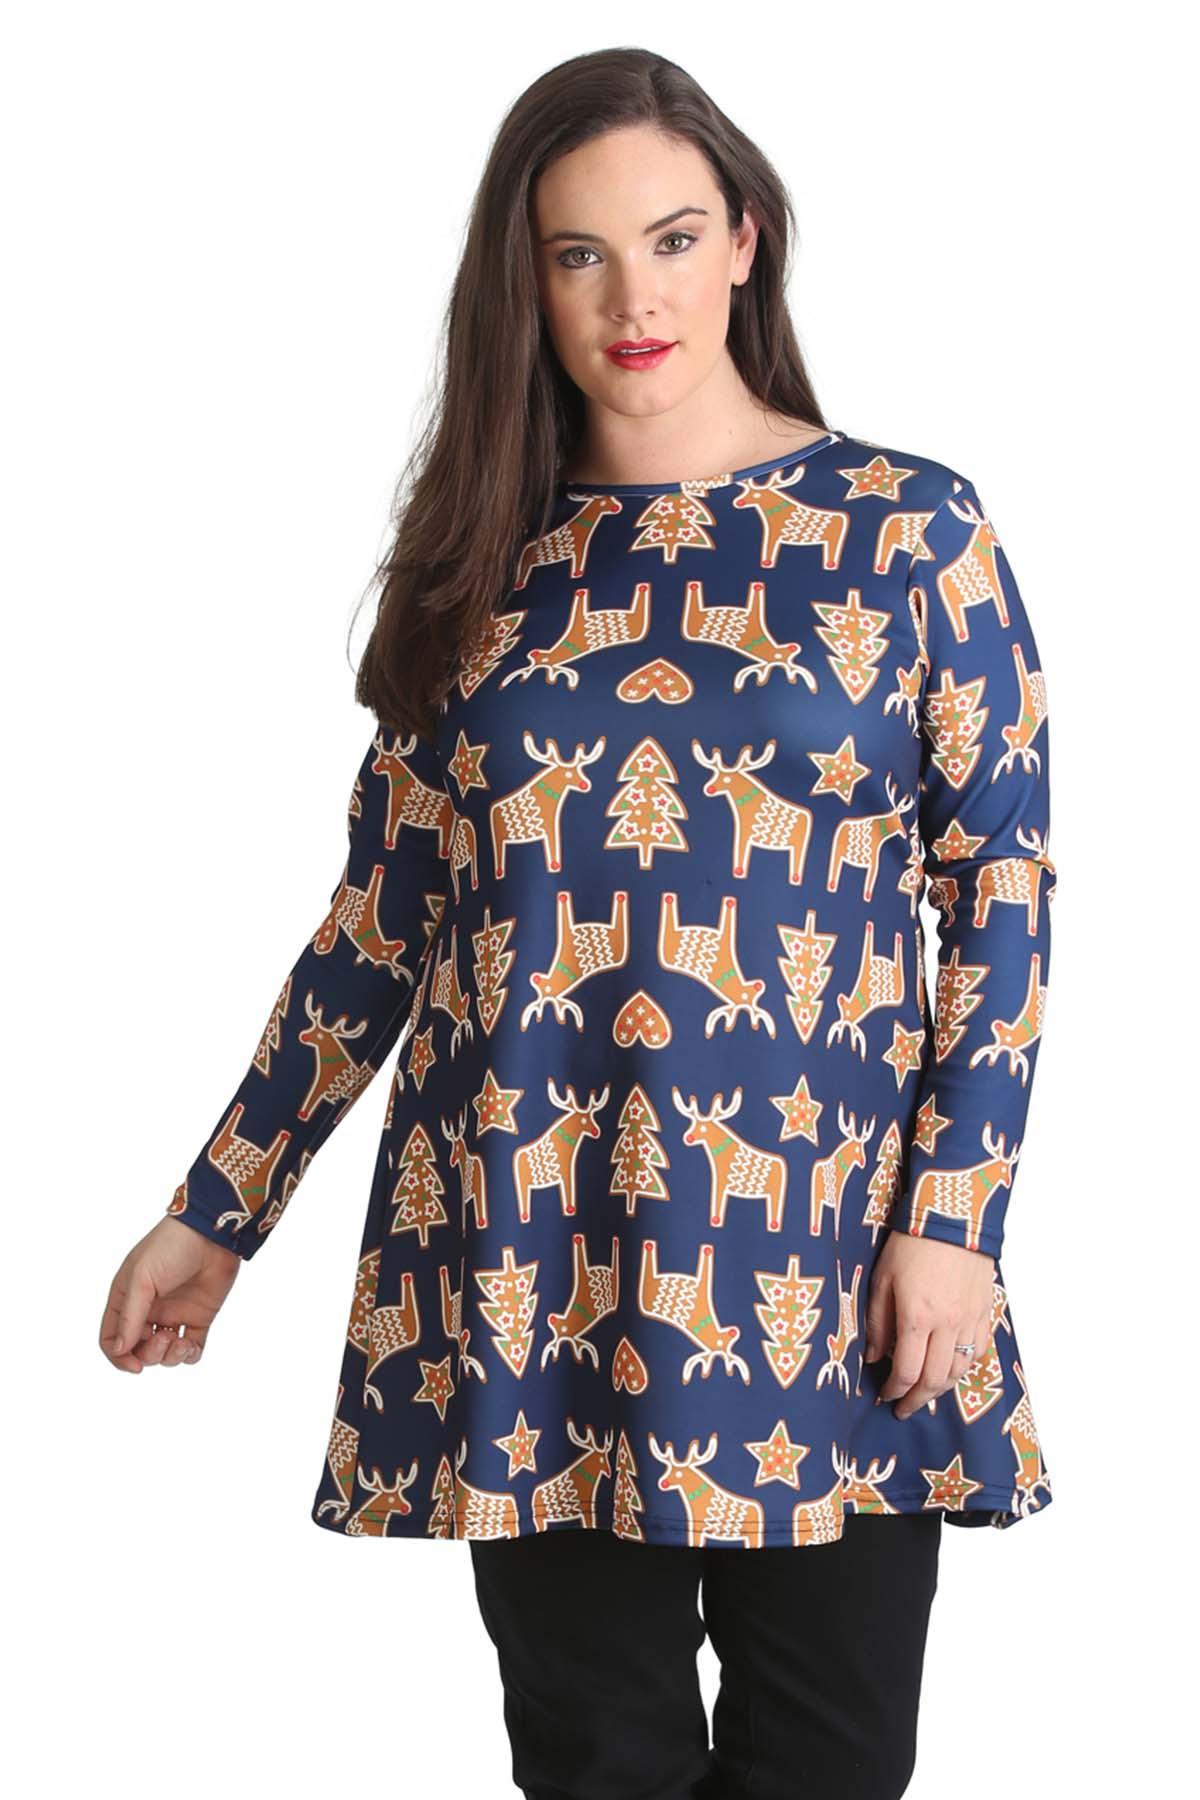 Nouvelle-Plus-Size-Women-039-s-Gingerbread-Print-Xmas-Top